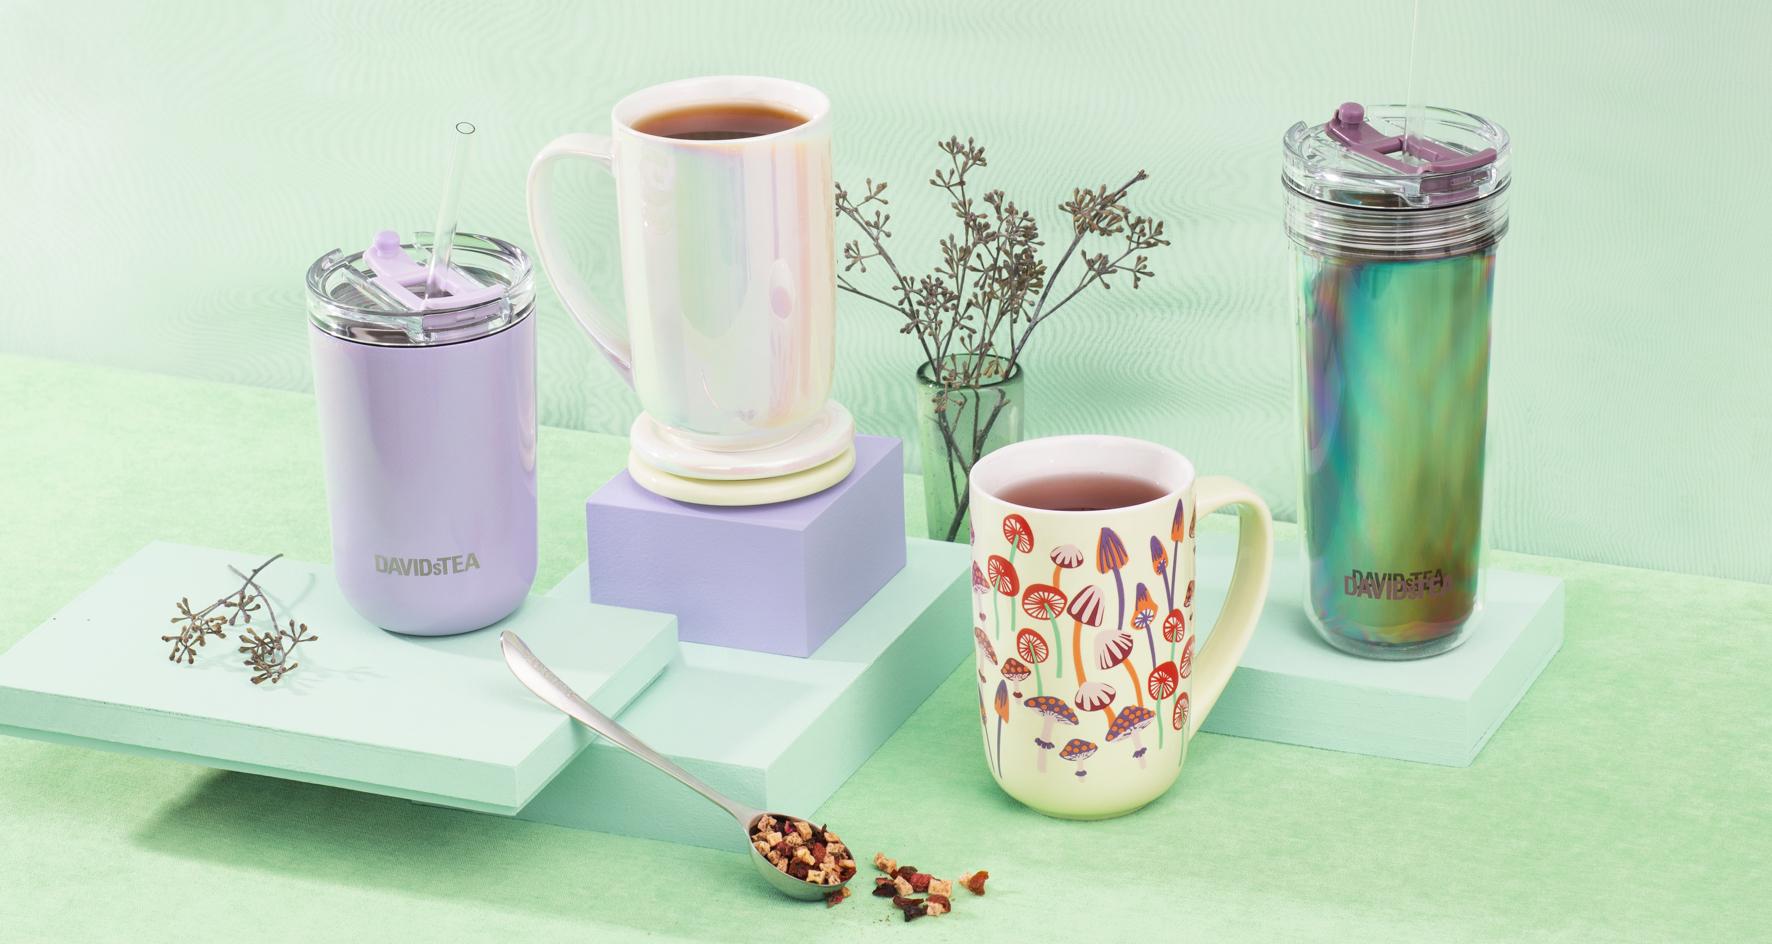 Tasse de voyage 10 oz violette avec paille, deux tasses de céramique 16 oz remplies de thé, tasse de voyage 18 oz à fini iridescent avec paille.